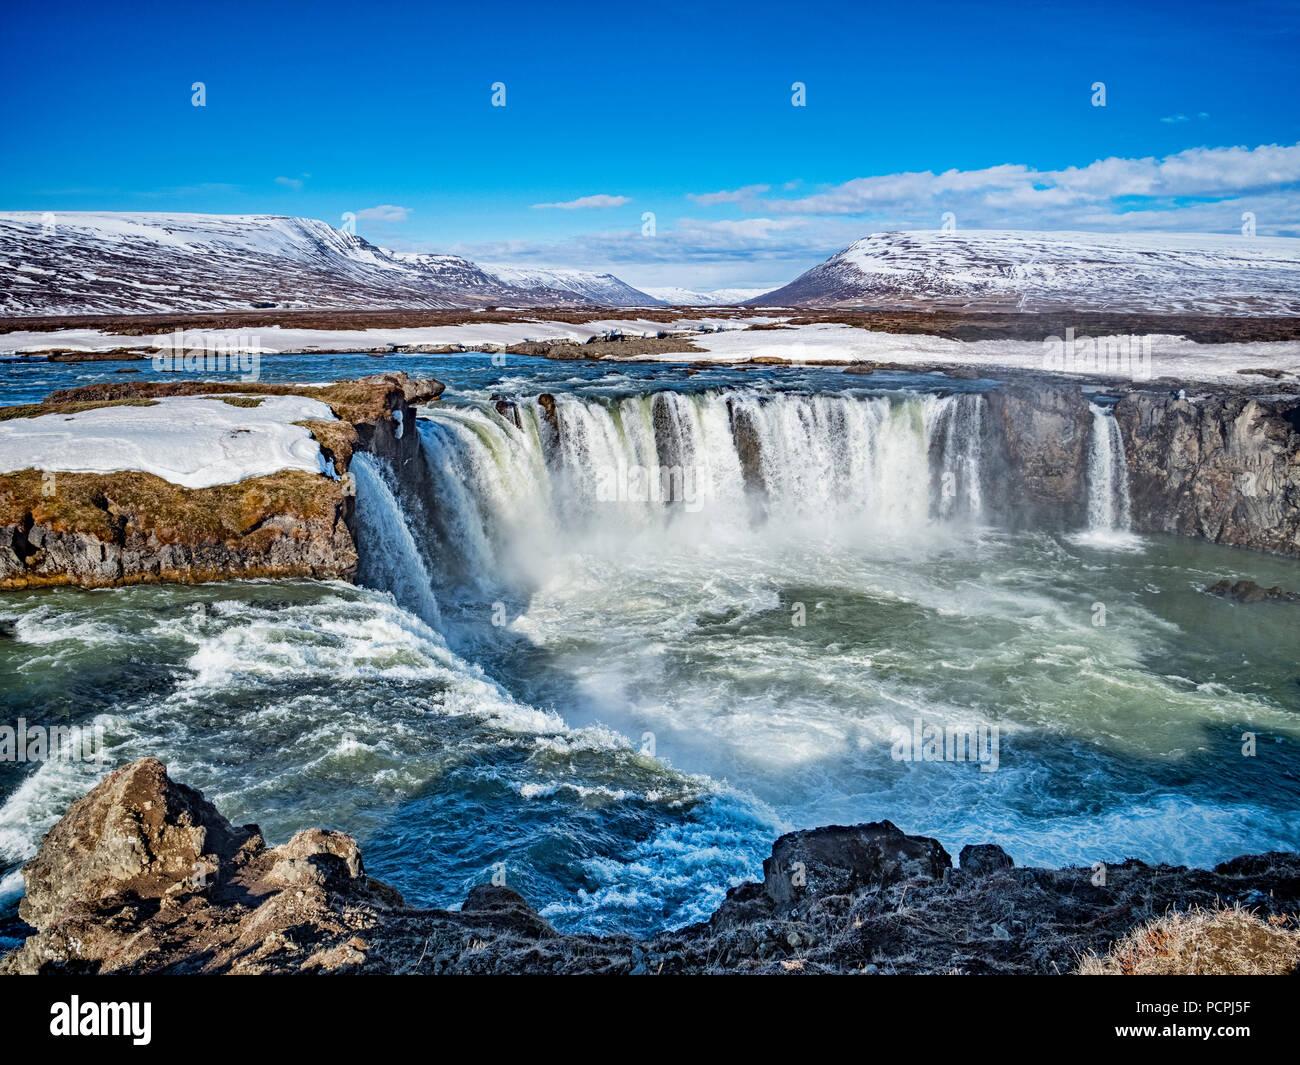 Godafoss, als Wasserfall der Götter, eine große Touristenattraktion in Island. Stockbild